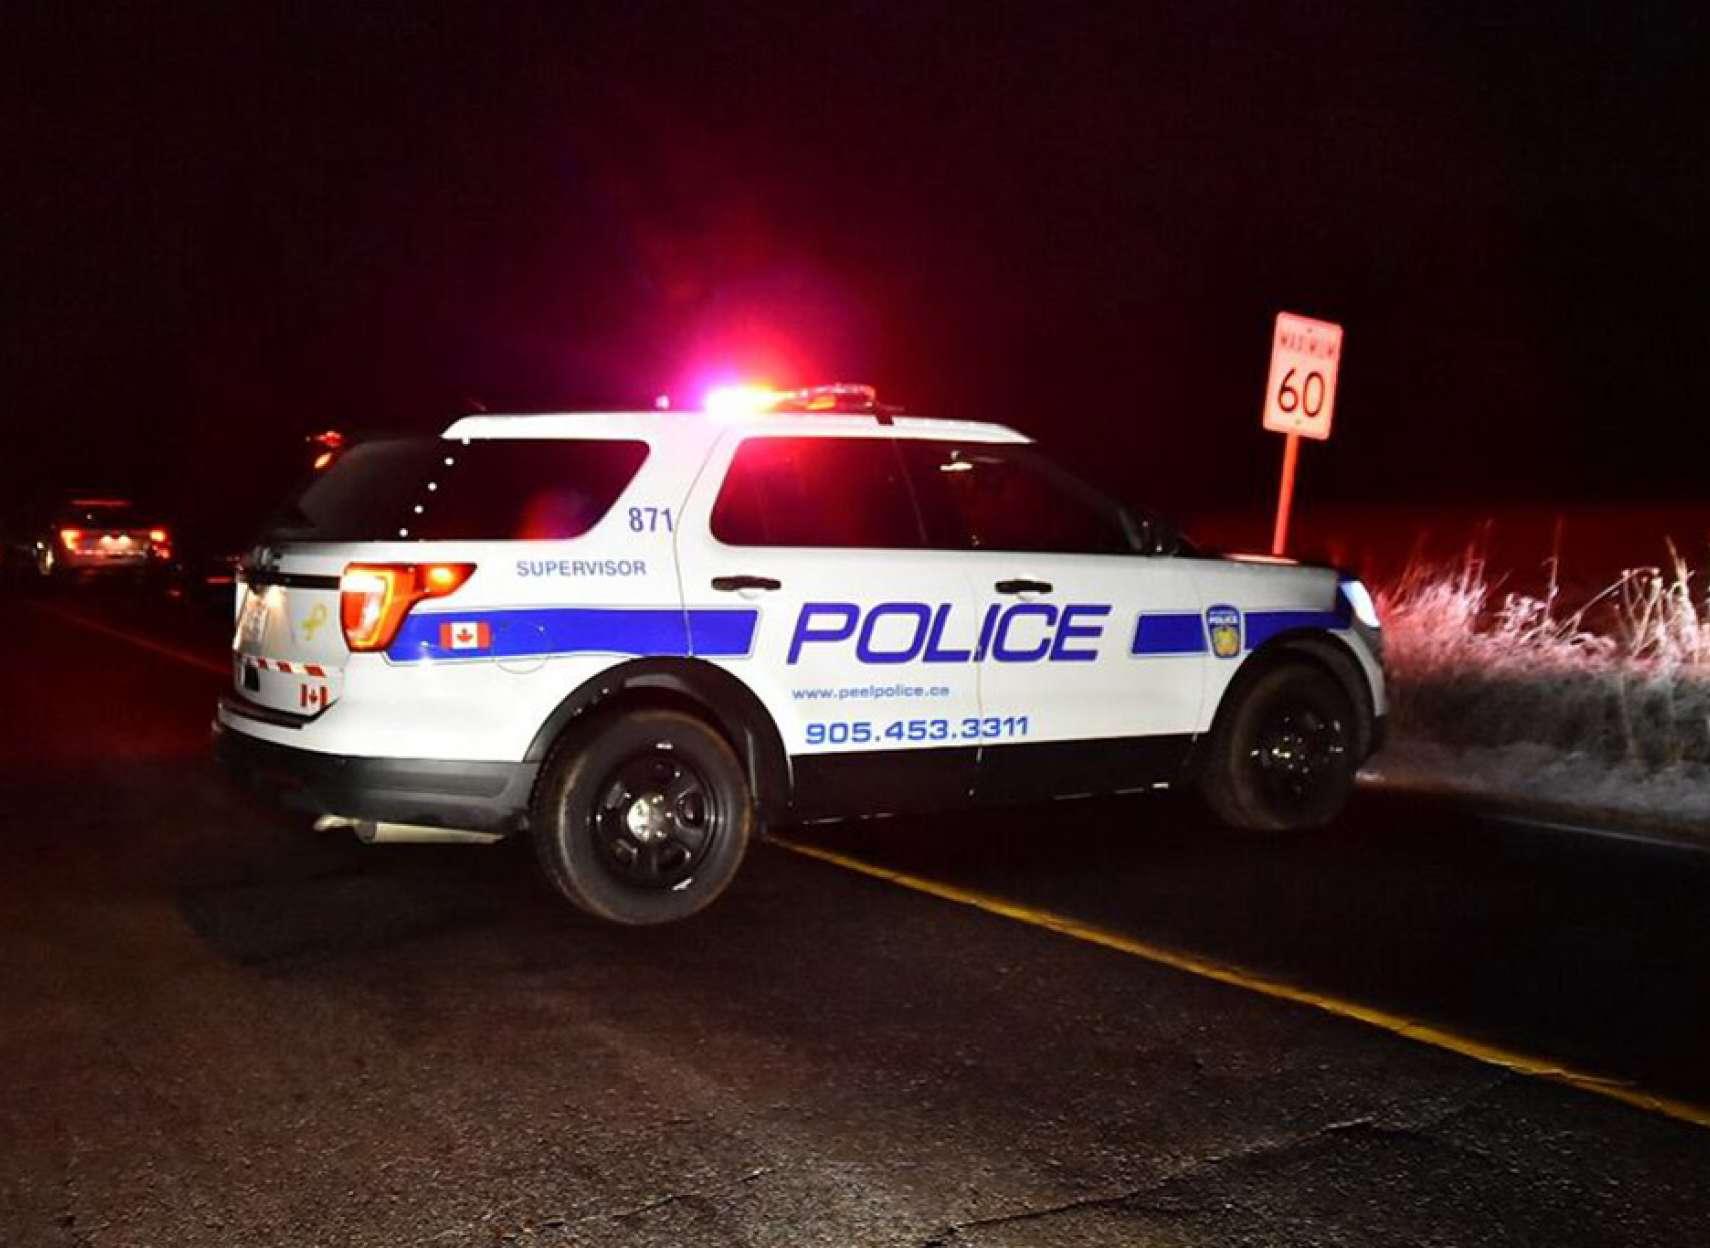 اخبار-تورنتو-اعلان-وضعیت-اضطراری-بعلت-گروگانگیری-یک-بچه-در-انتاریو